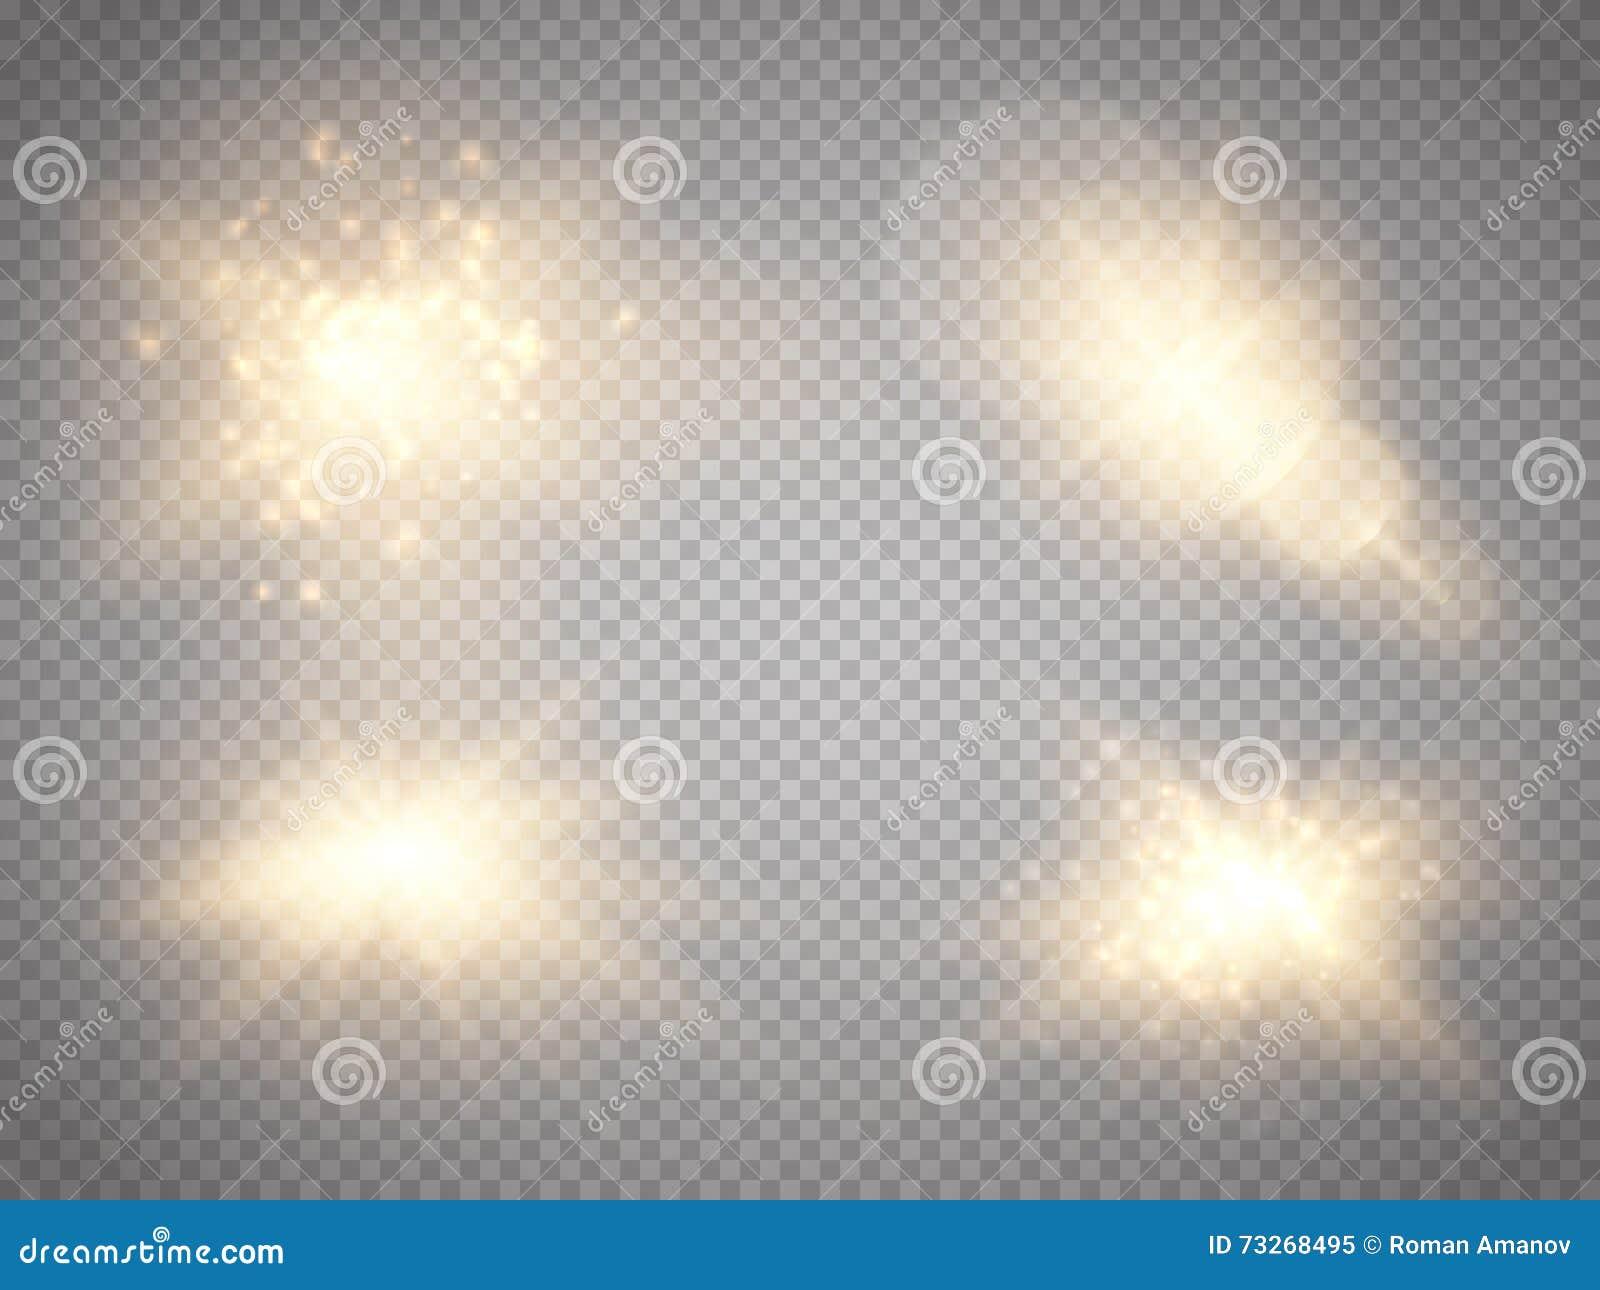 Sistema de efectos luminosos que brillan intensamente de oro aislado sobre fondo transparente Efecto luminoso del resplandor Expl